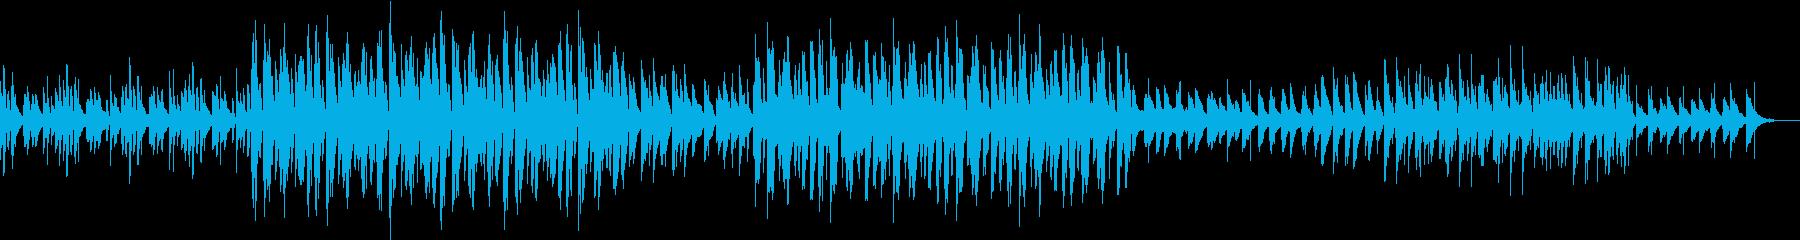 ミディアムテンポでドラムマシンの再生済みの波形